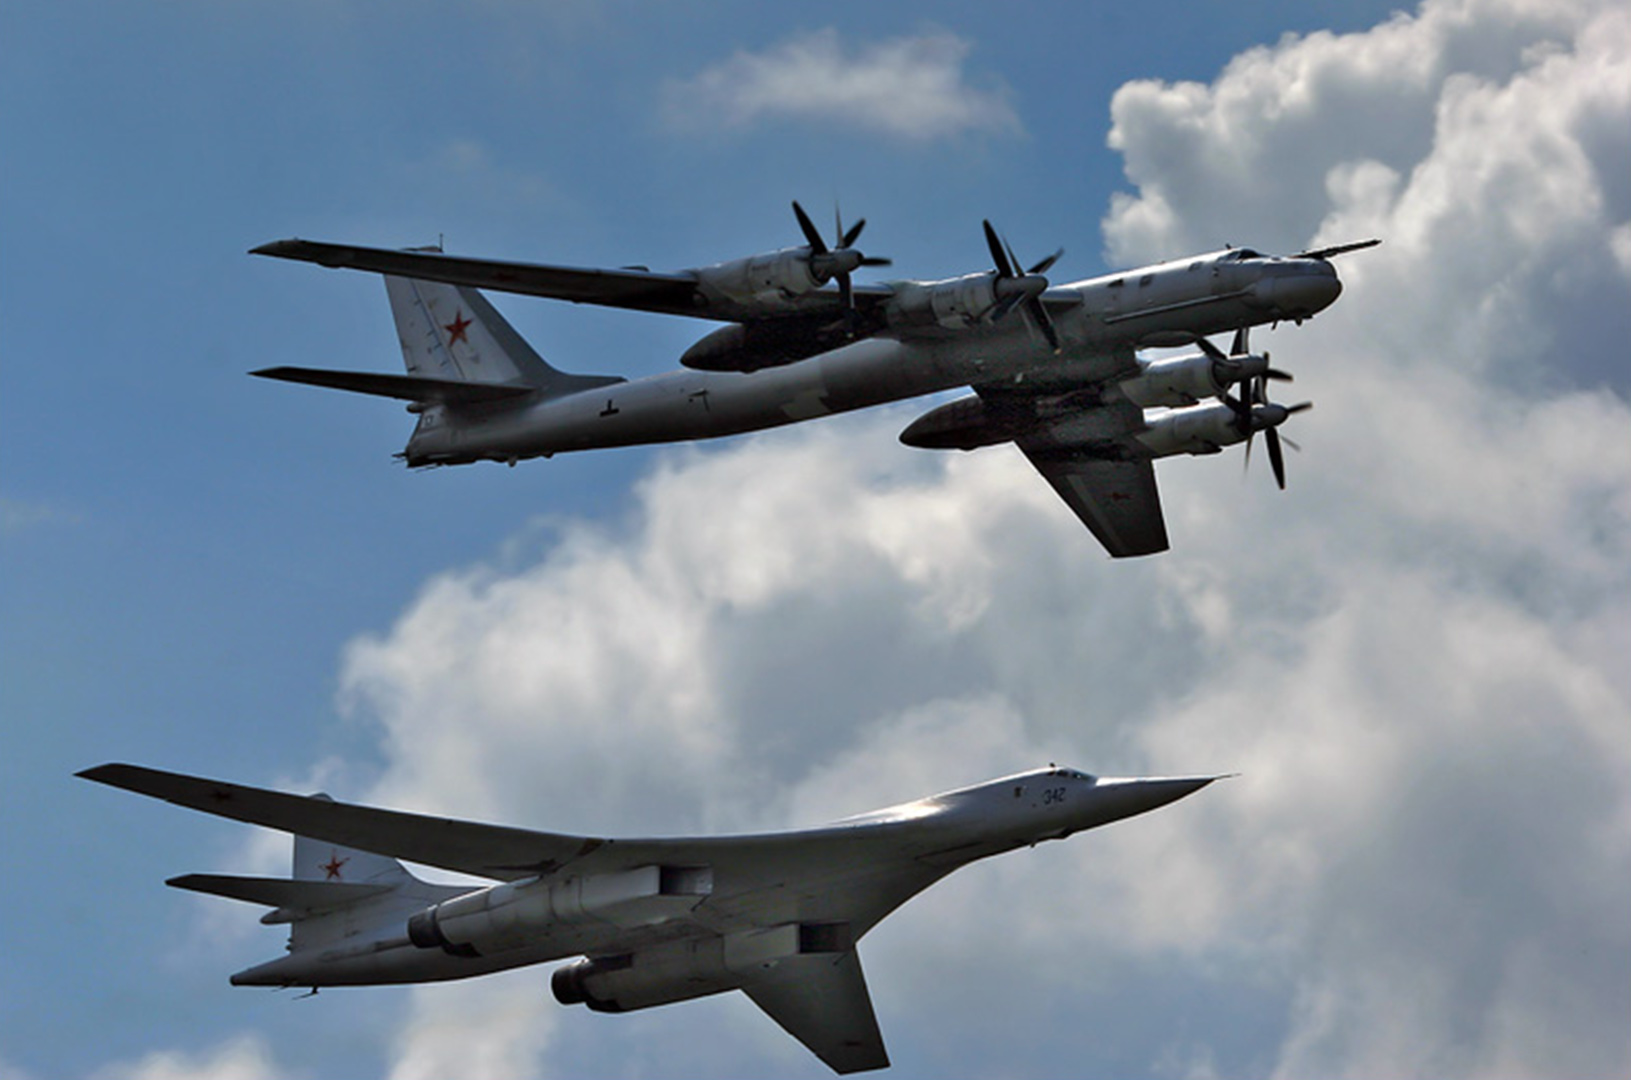 Фото самолетов дальней авиации россии с ракетами 2